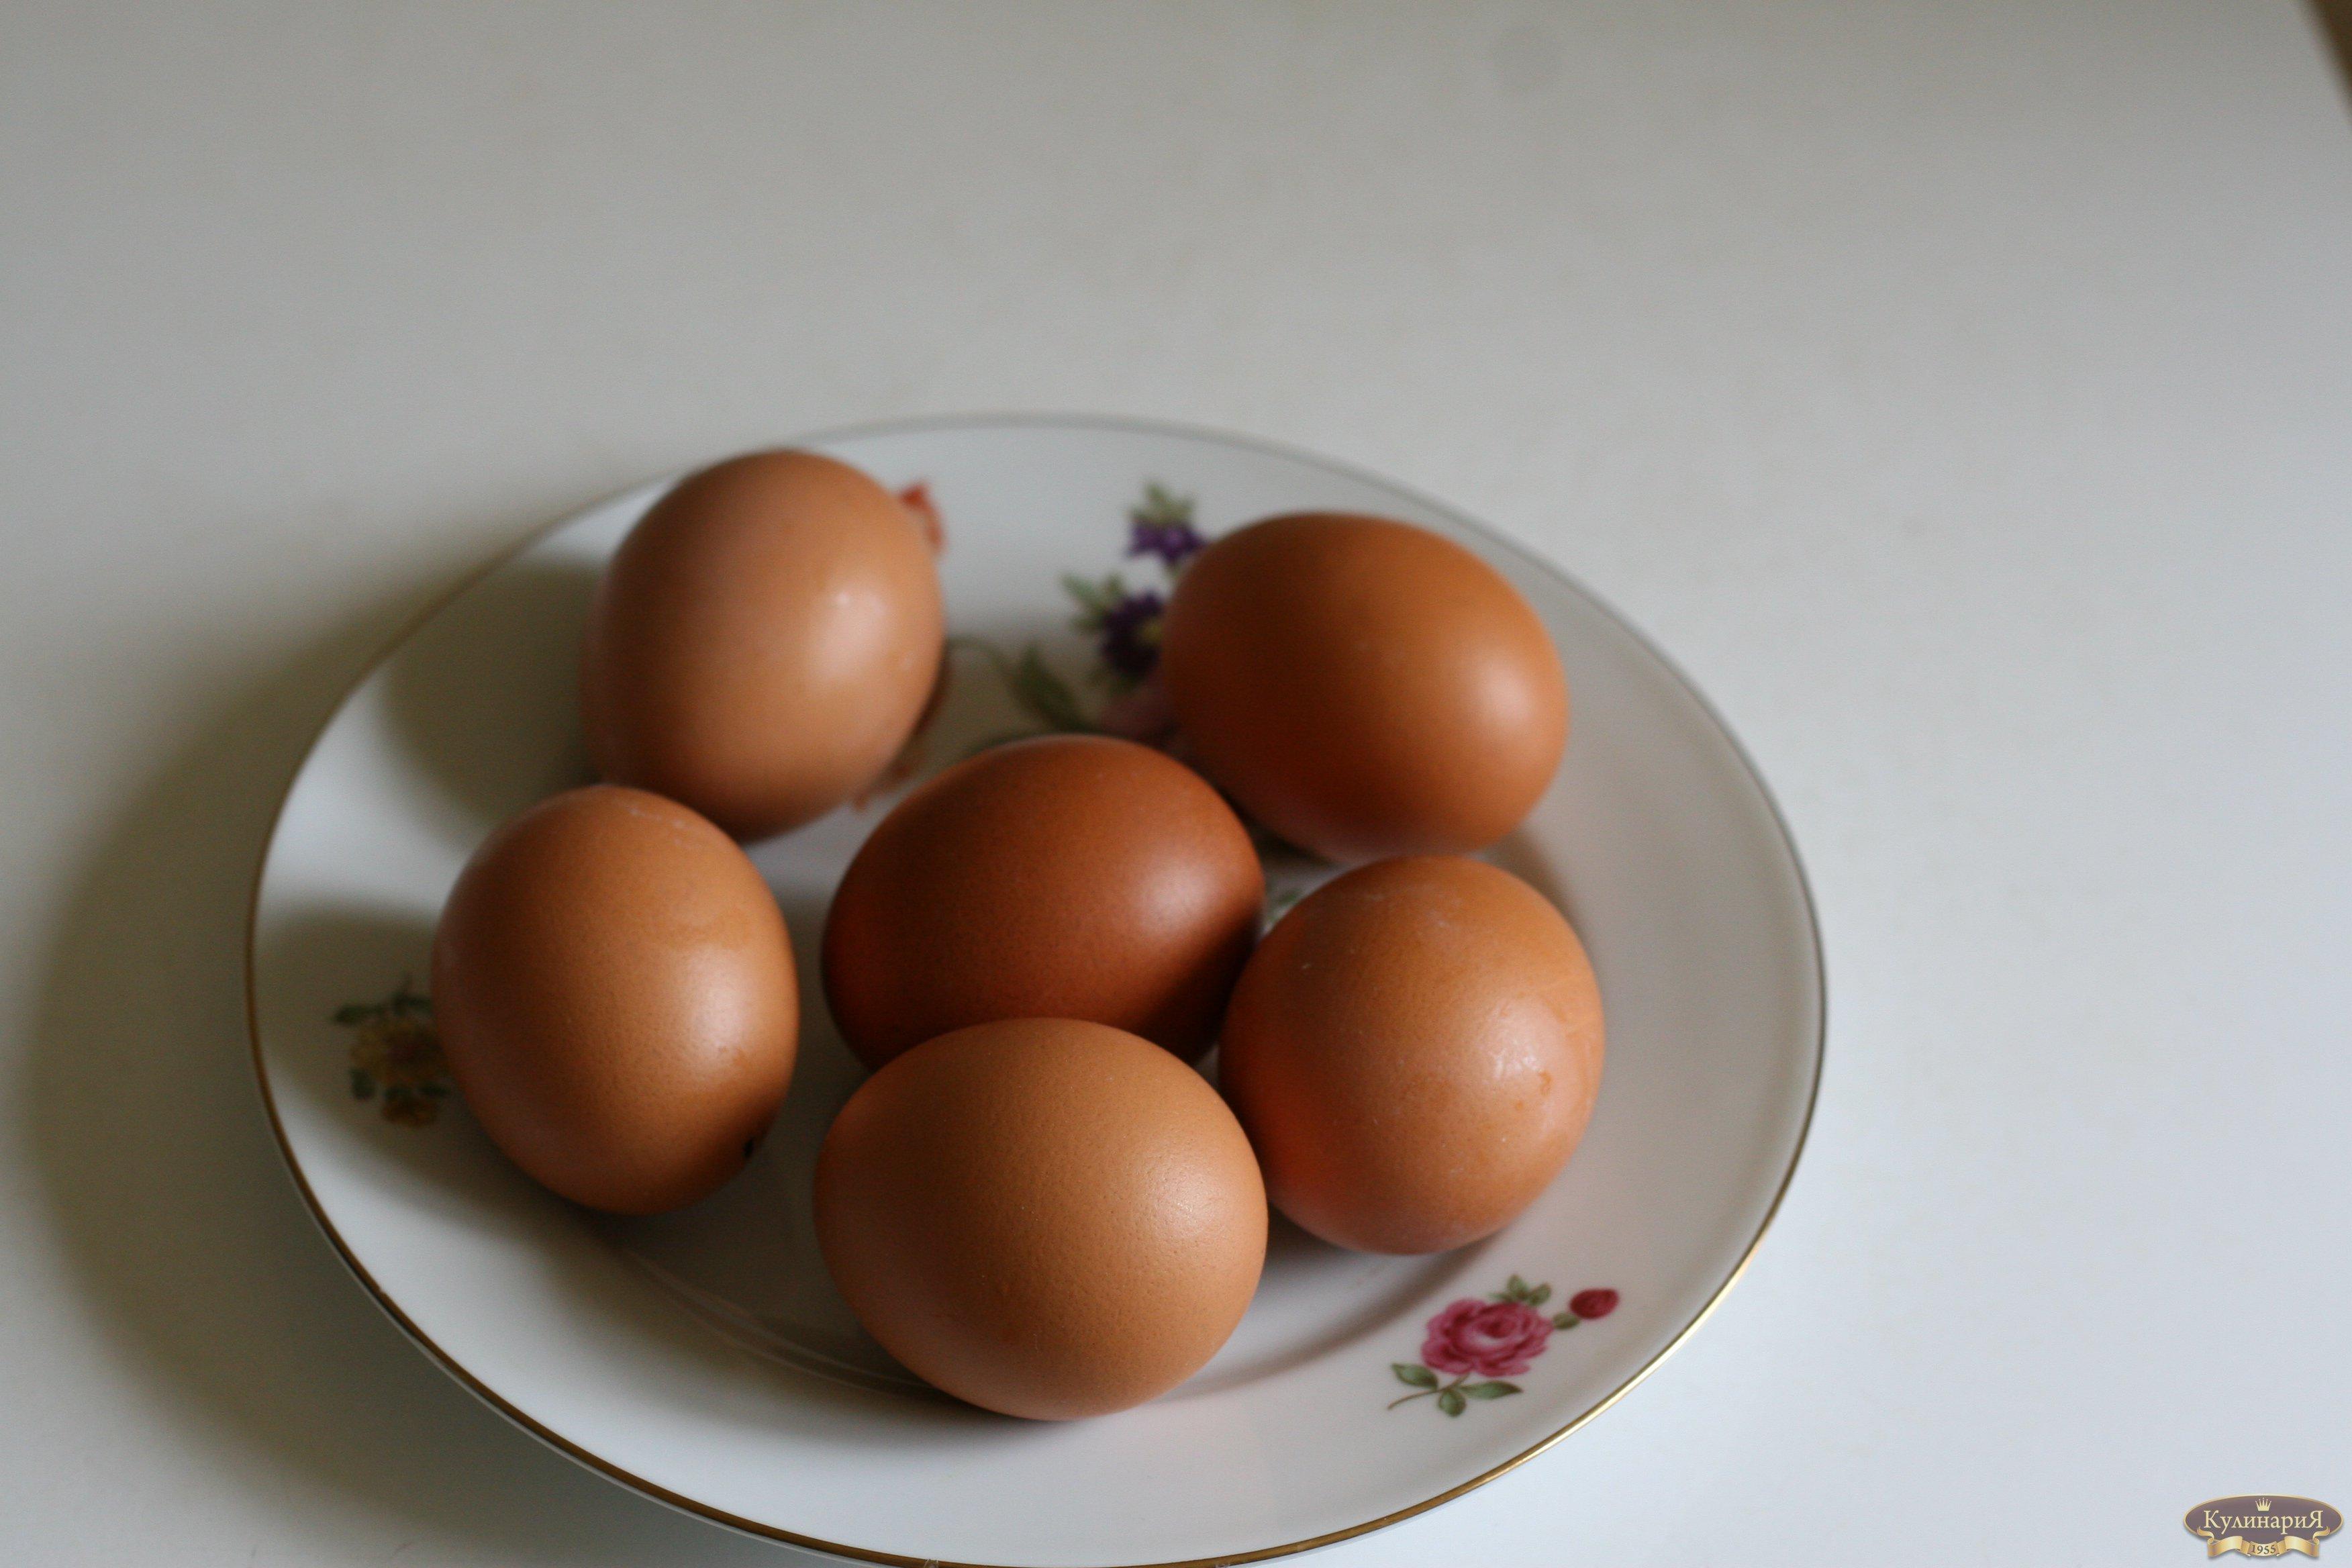 Рецепт варки яиц всмятку вкрутую сколько надо варить